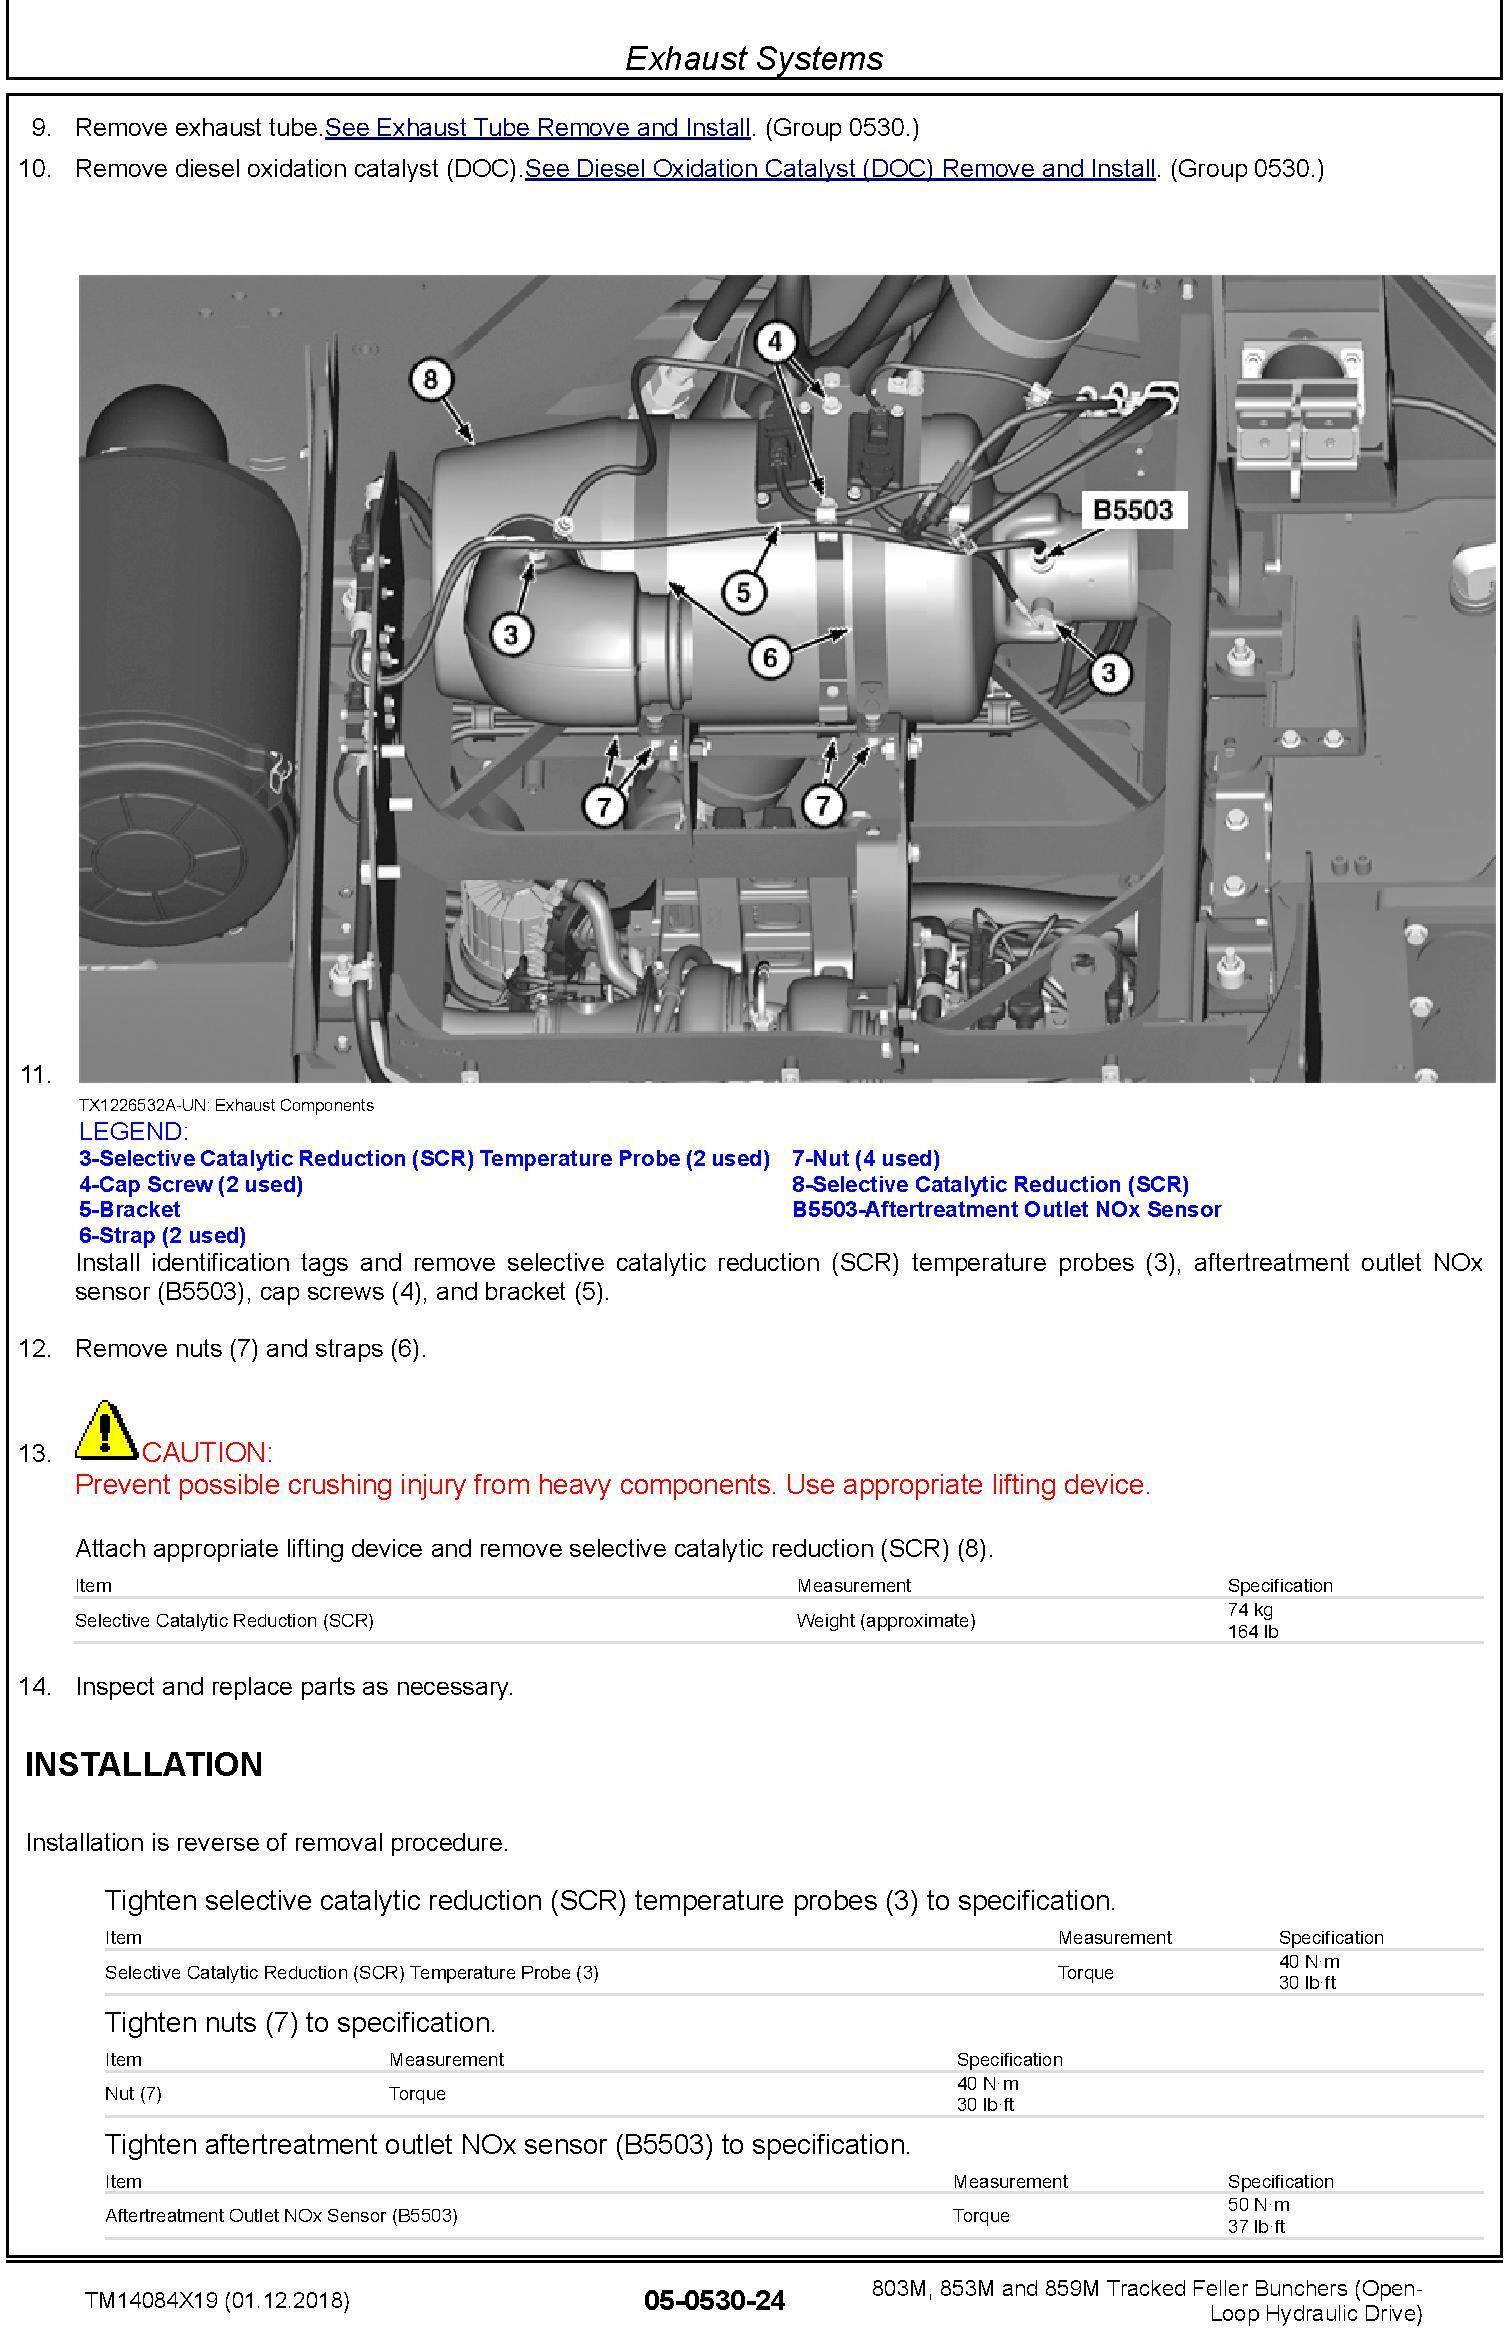 John Deere 803M,853M,859M (SN.F293917-,L343918-) Feller Buncher (Open-Loop) Repair Manual TM14084X19 - 3